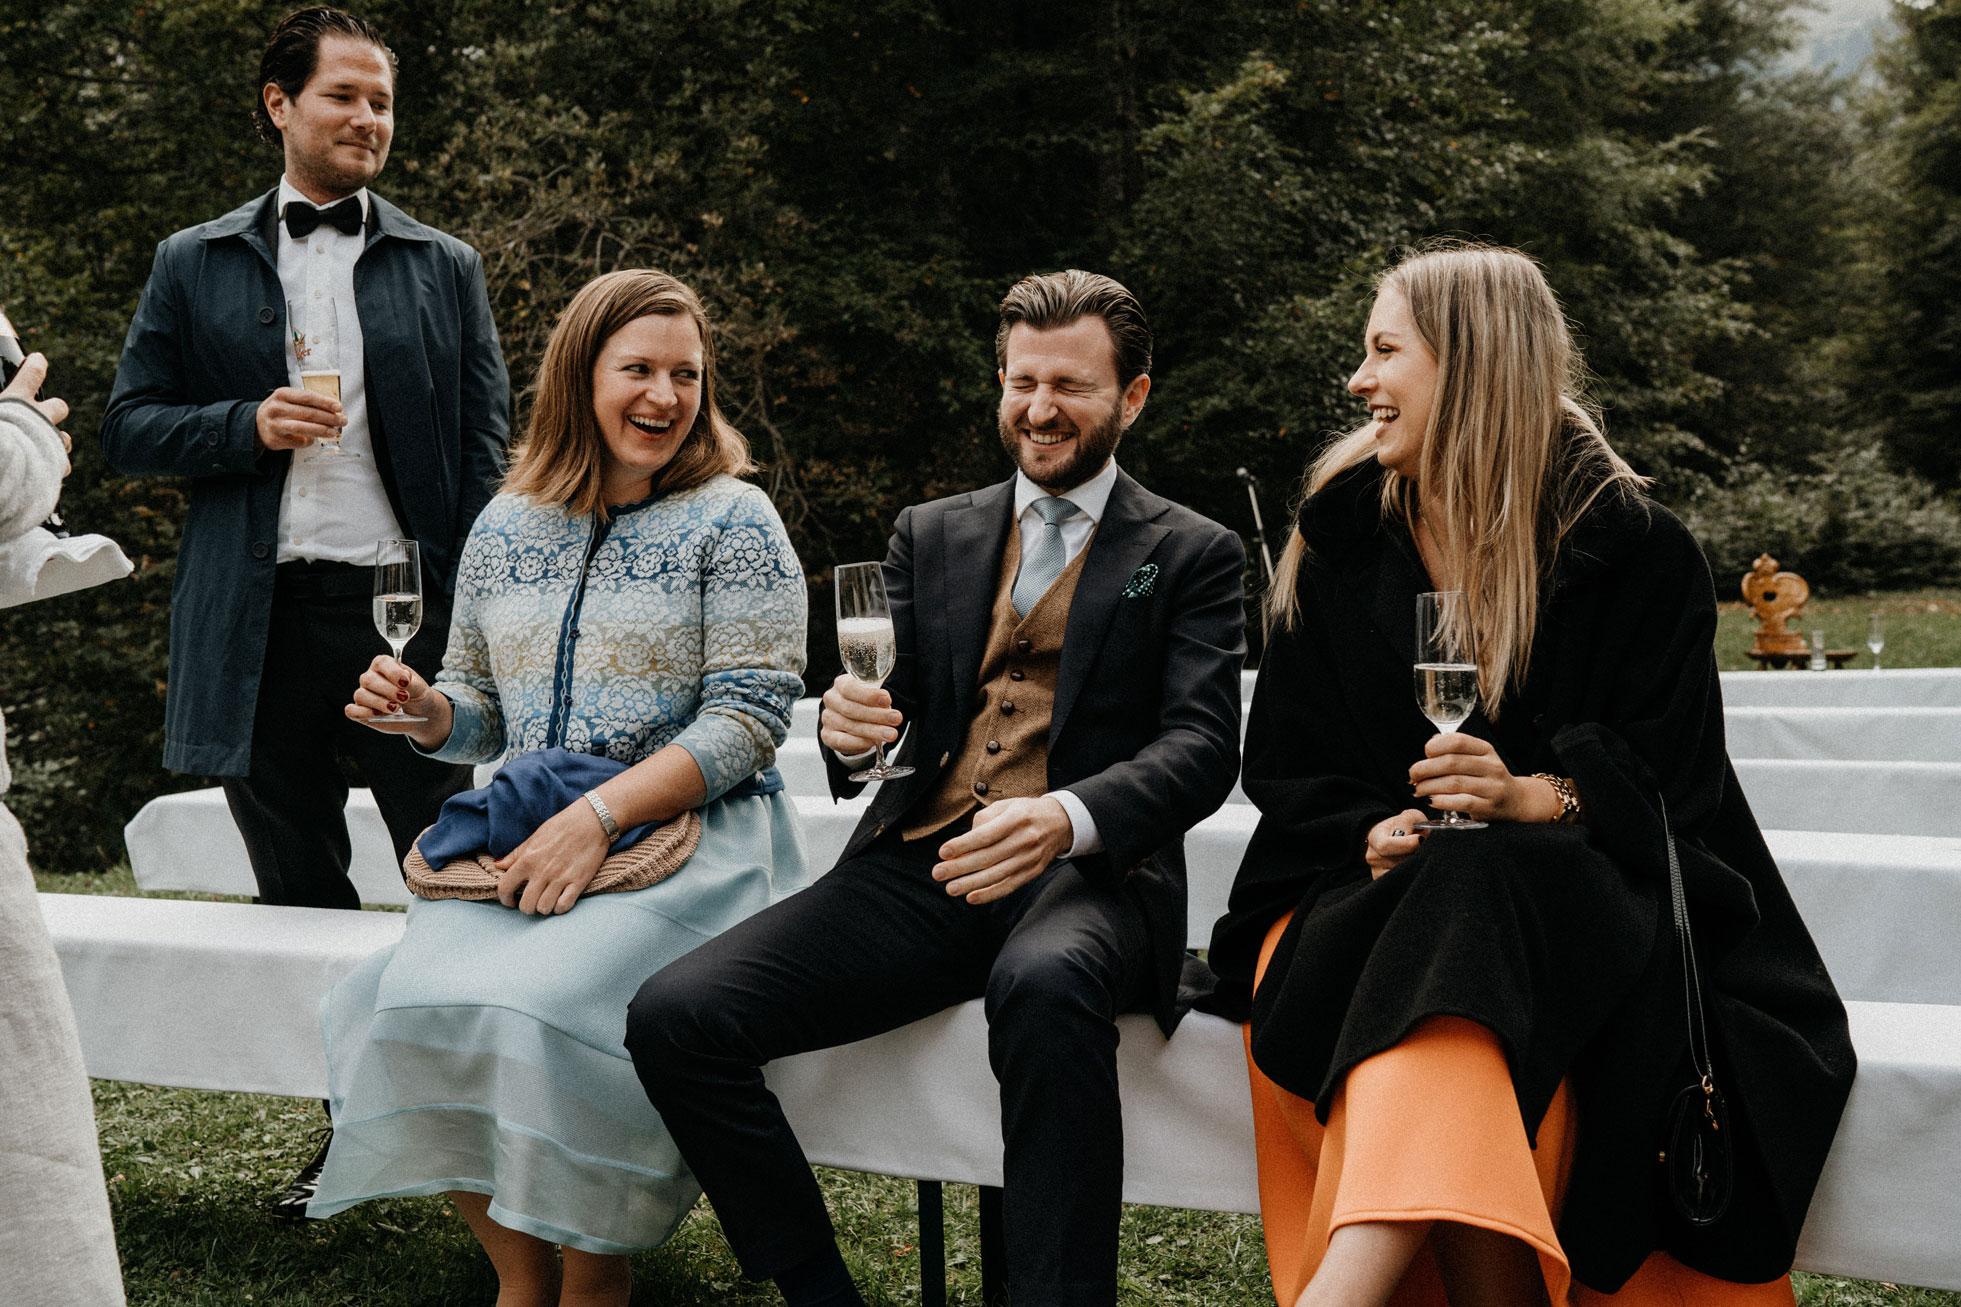 Hochzeit_Claire_Manuel_Villa_Maund_Daniel_Jenny-336.jpg